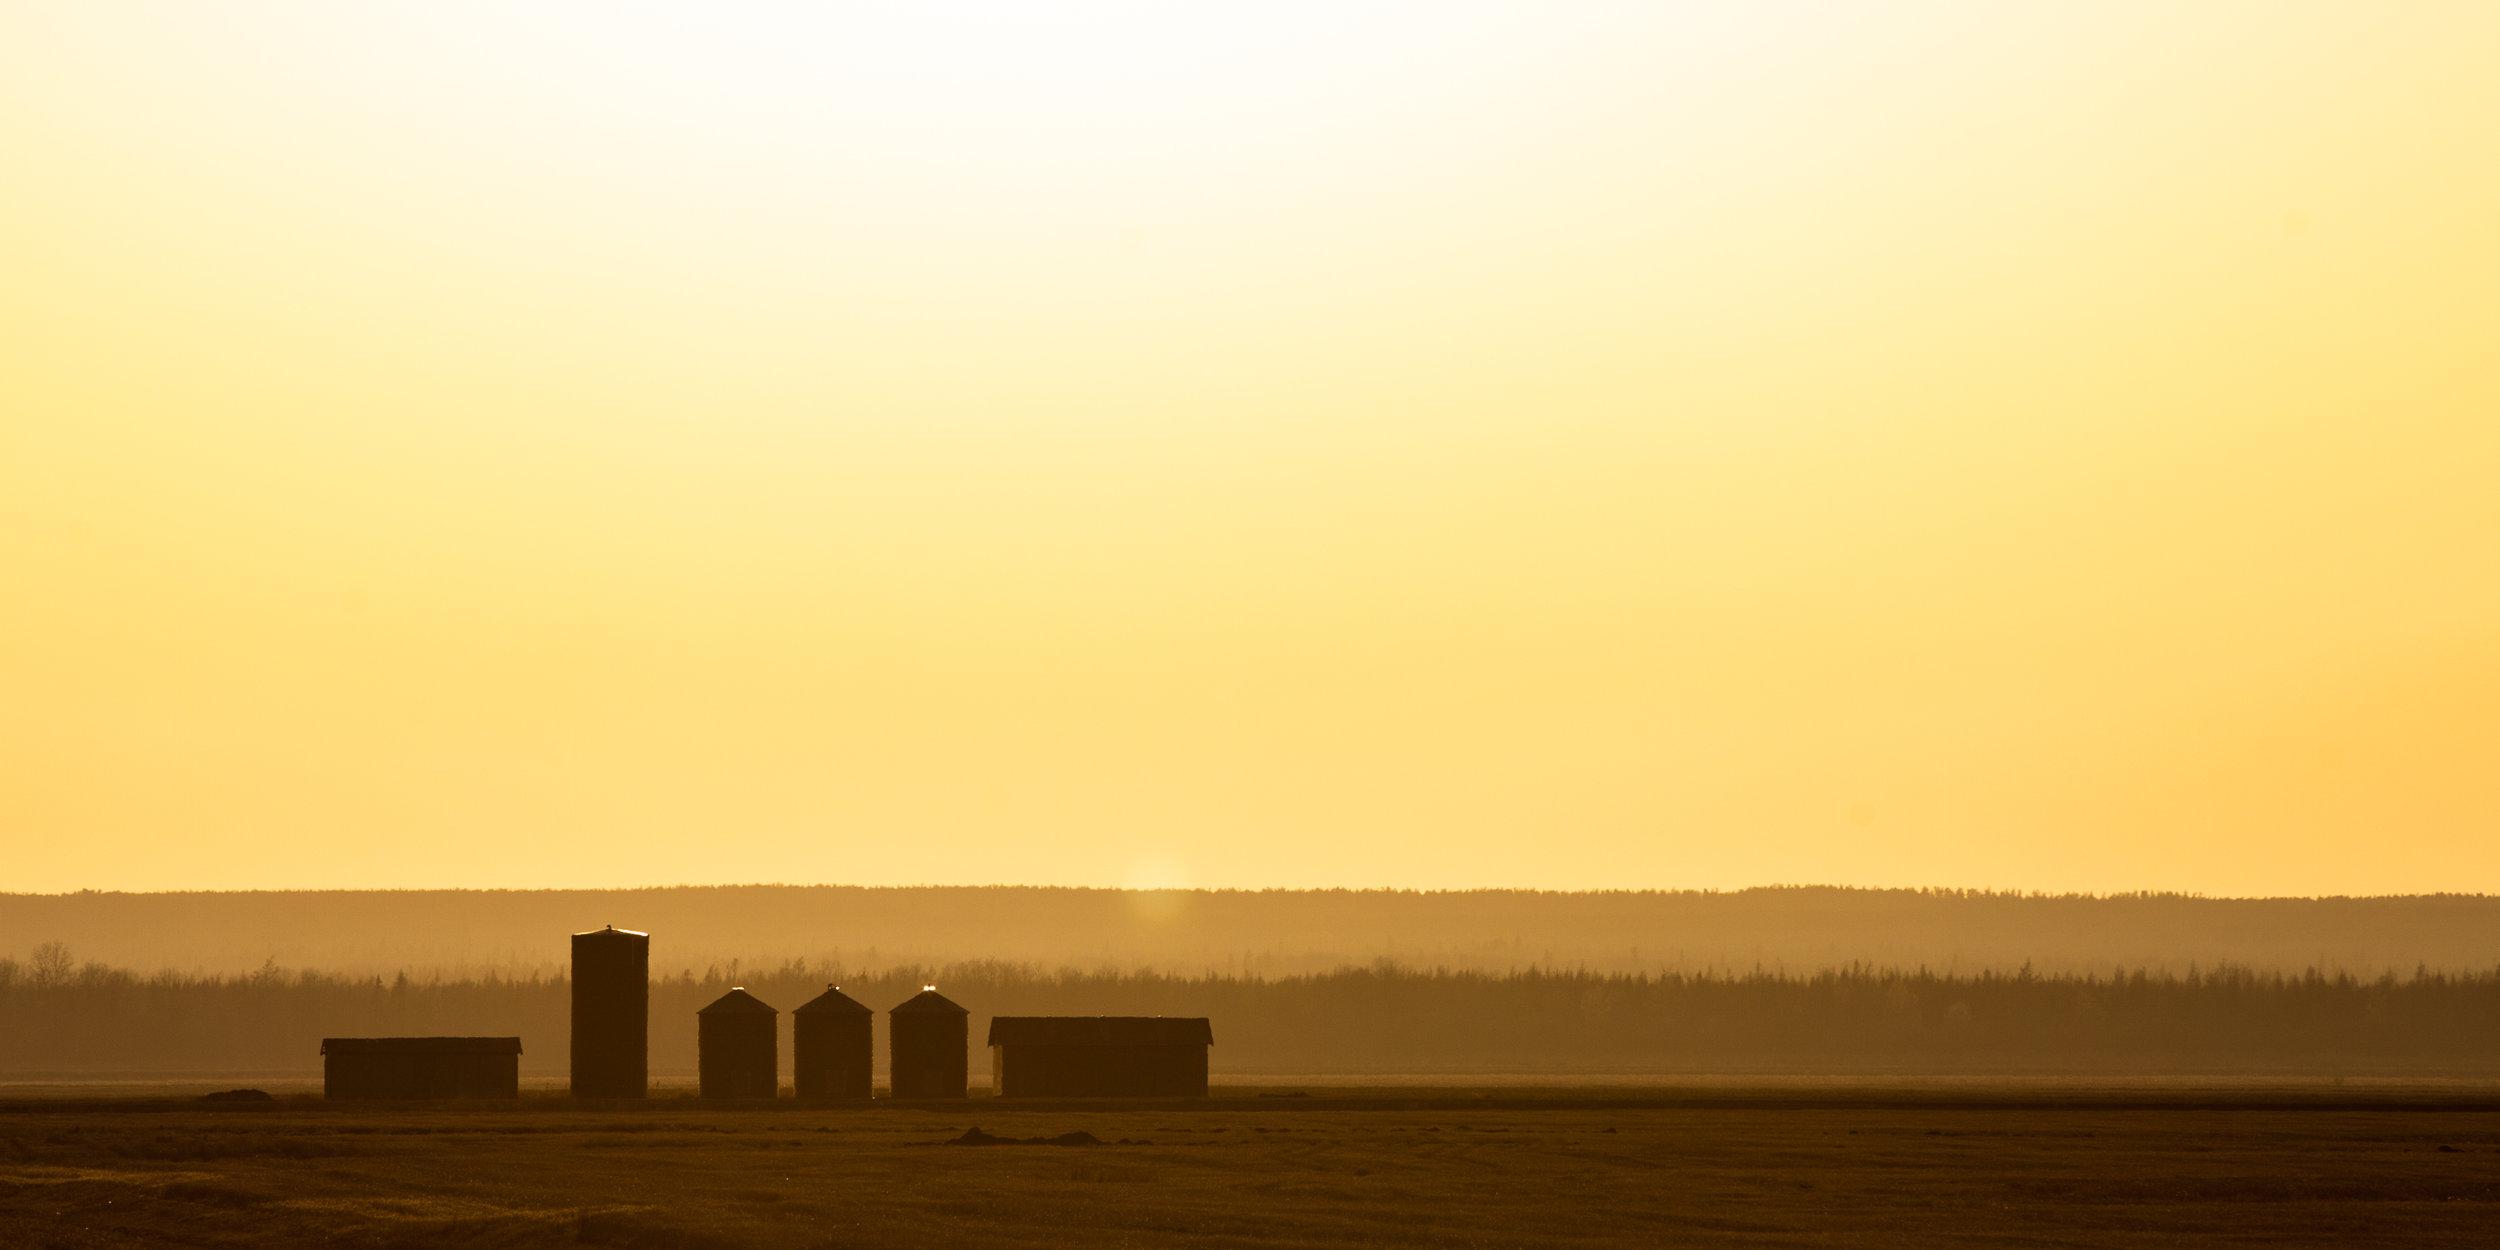 Rural Manitoba [April, 2015]